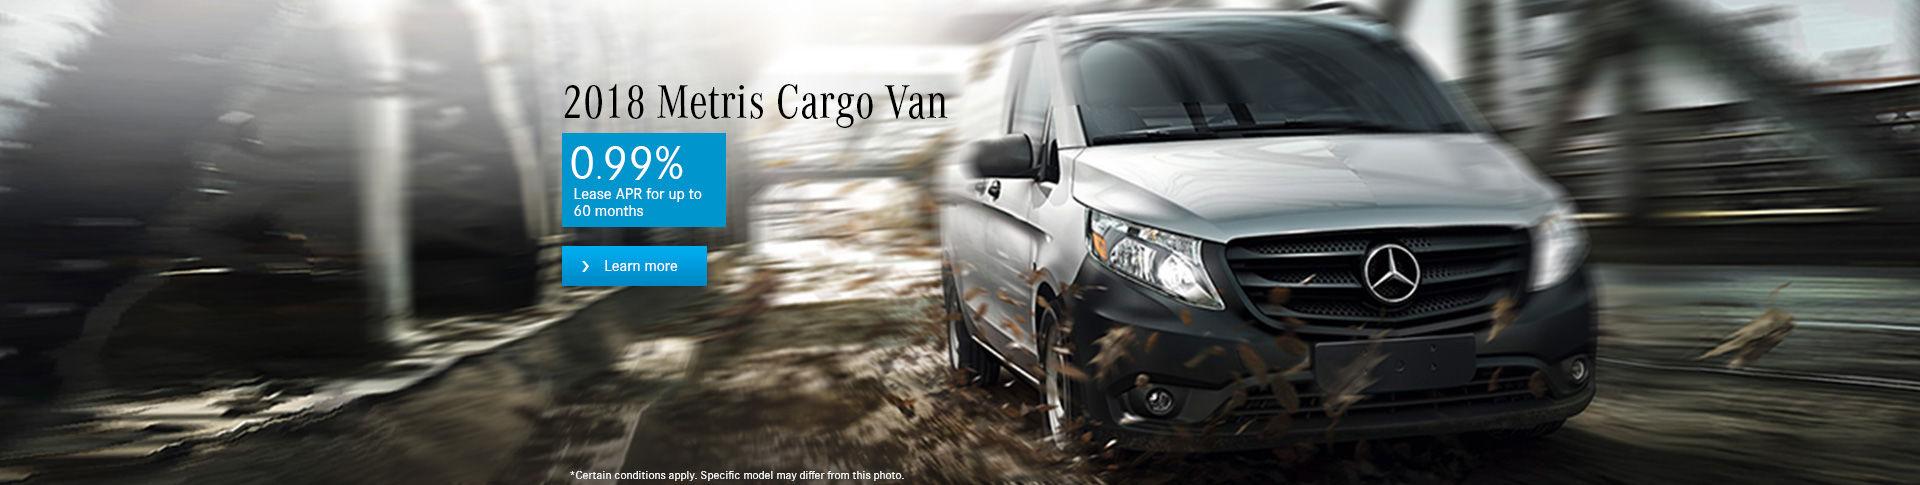 Metris Cargo Van 2018